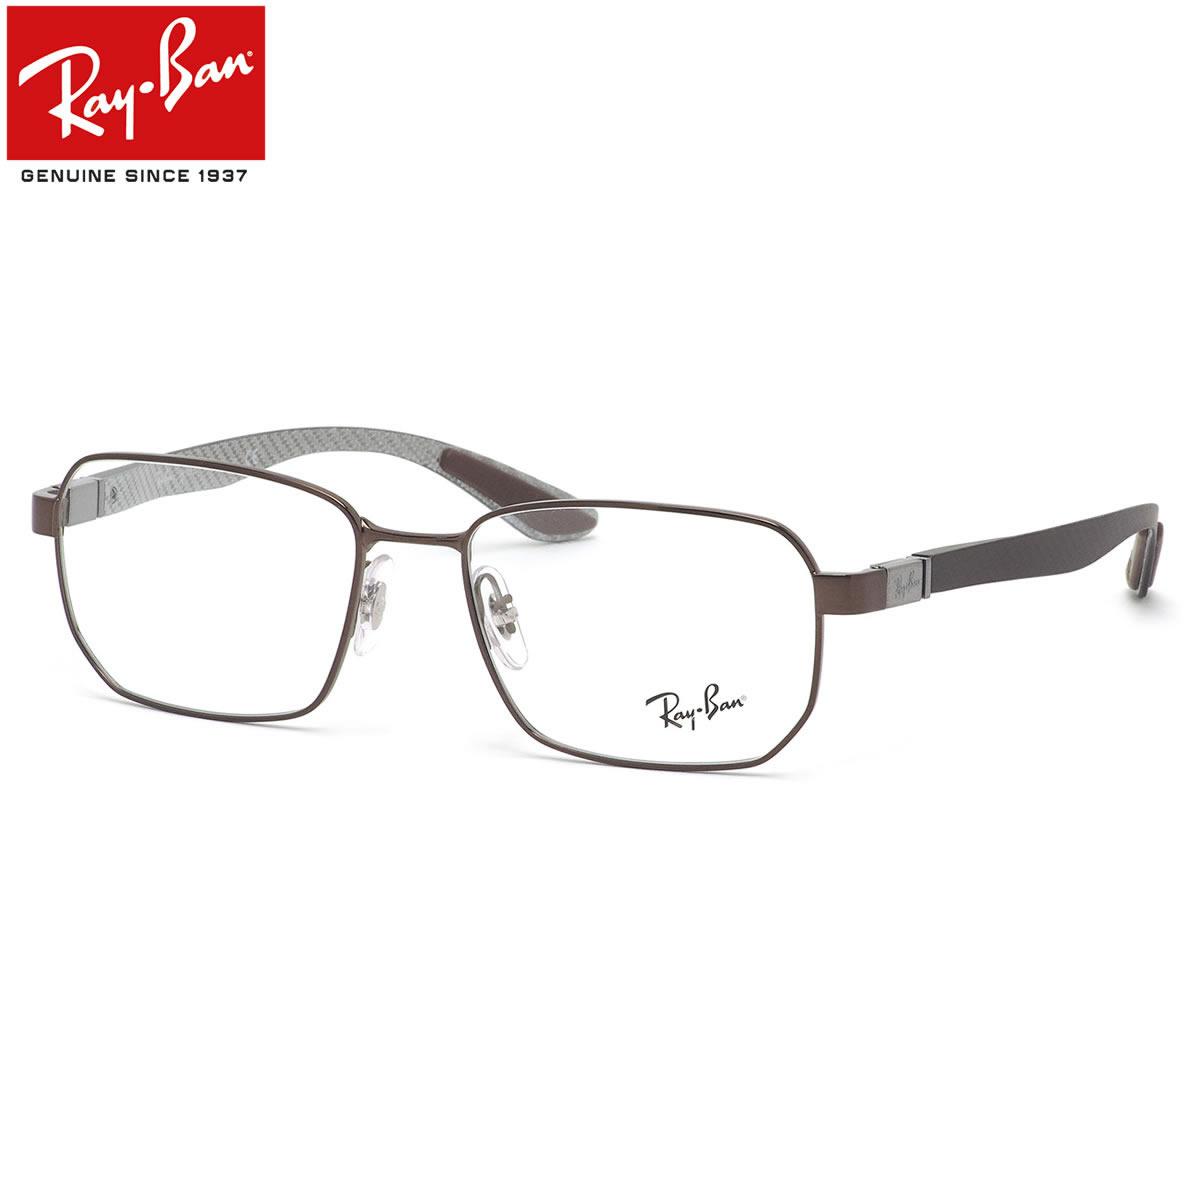 Ray-Ban レイバン メガネ RX8419 2511 54サイズ ビジネス ブロンズ メンズ レディース